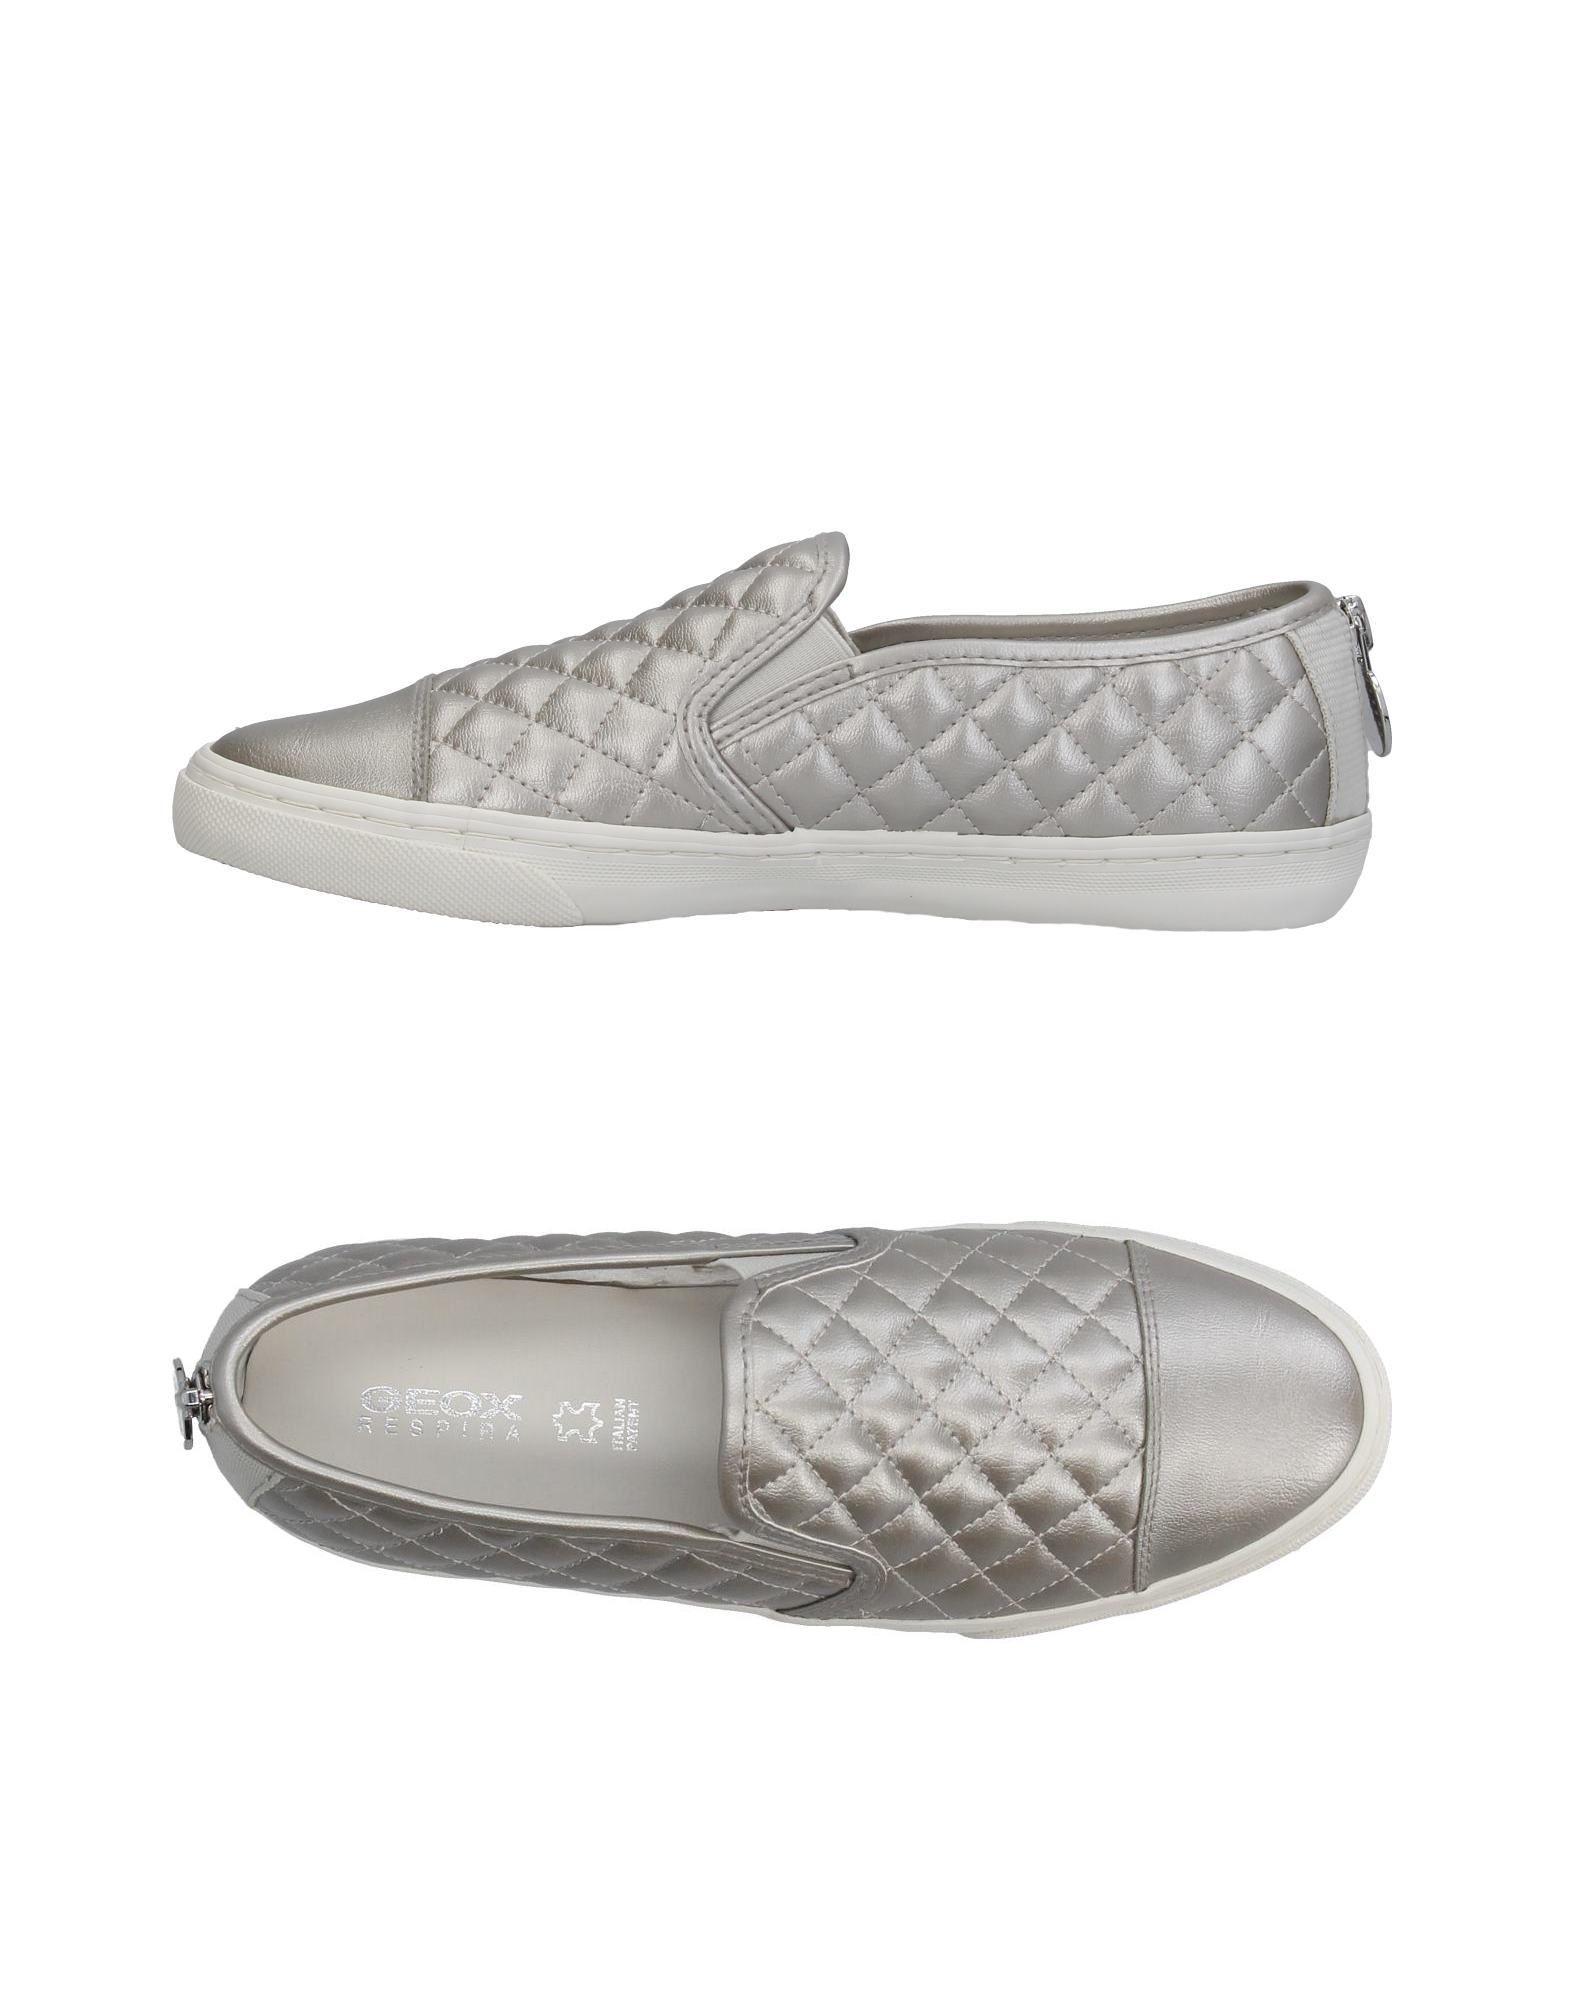 Sneakers Geox Donna - 11409297KP elegante